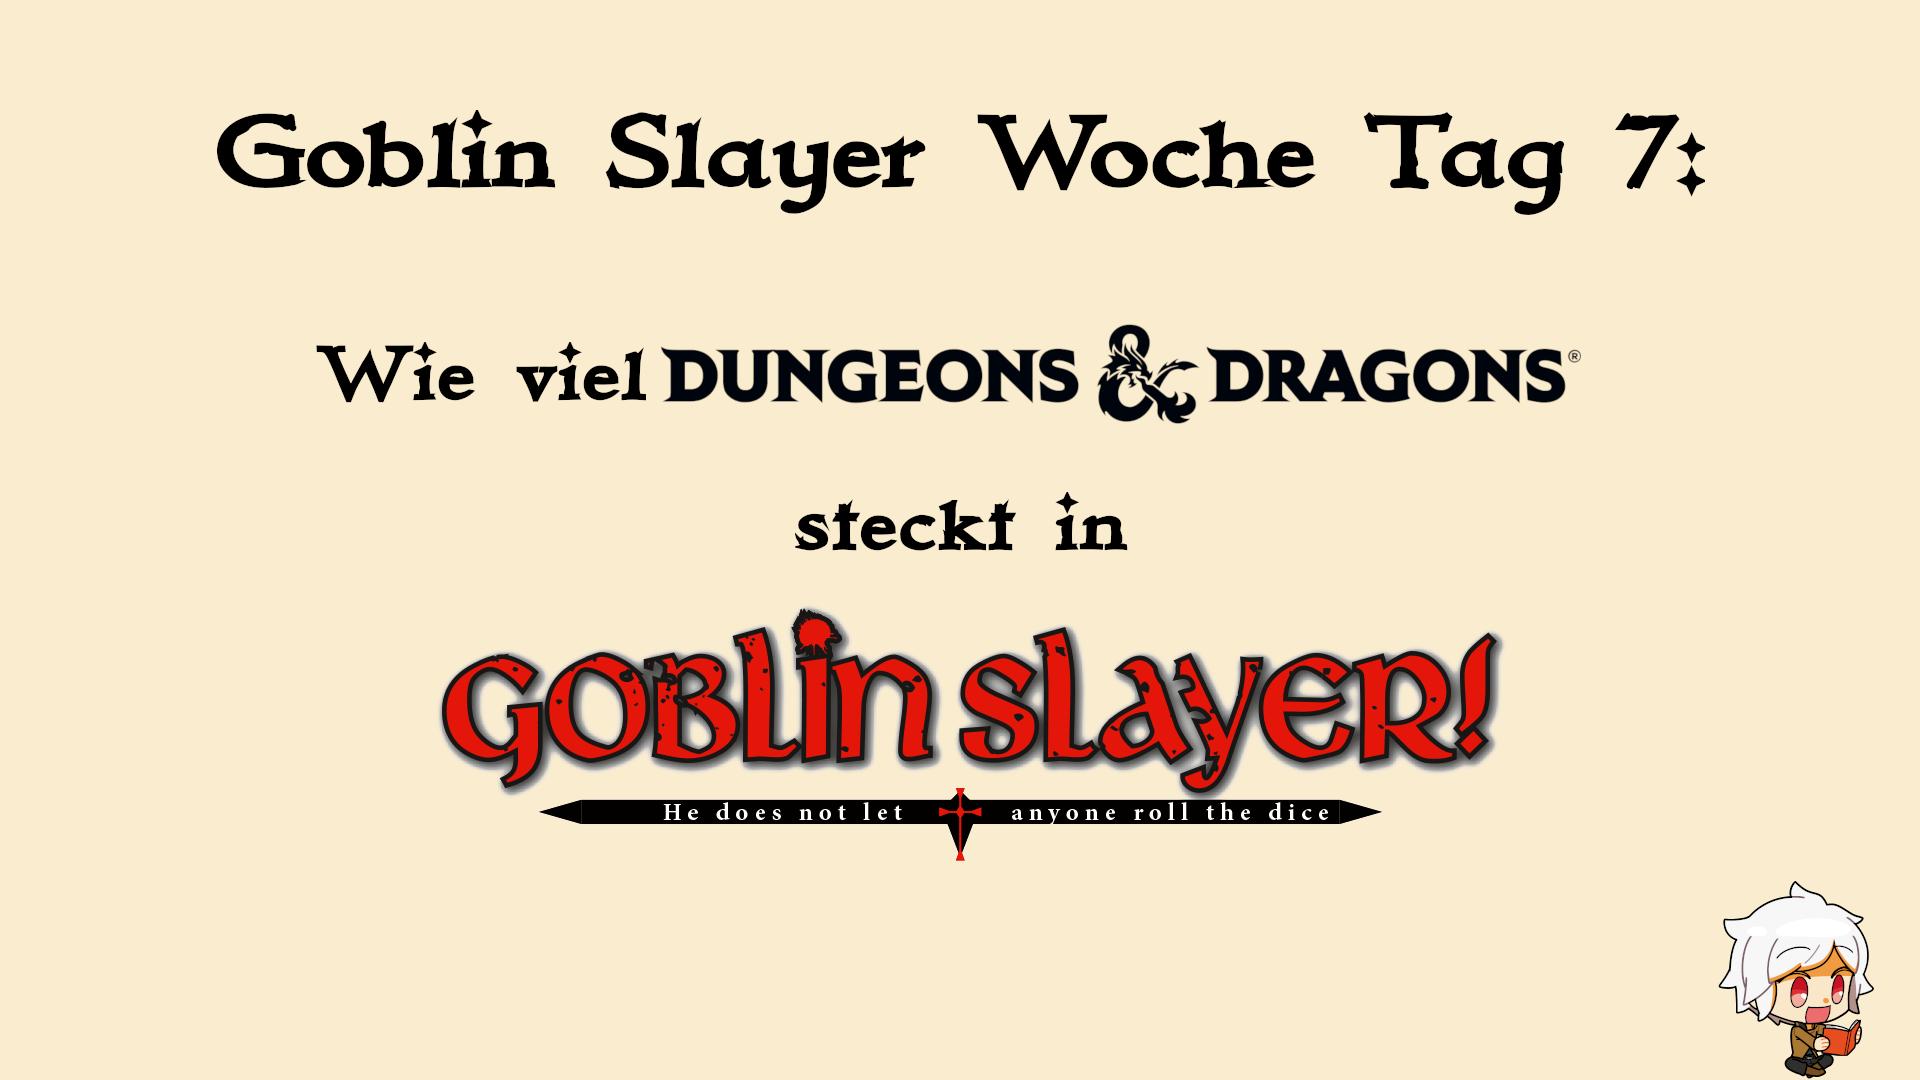 Das Thumbnail für das Video. Der Text sagt Goblin Slayer Woche Tag 7: Wie viel Dungeons und Dragons steckt in Goblin Slayer!